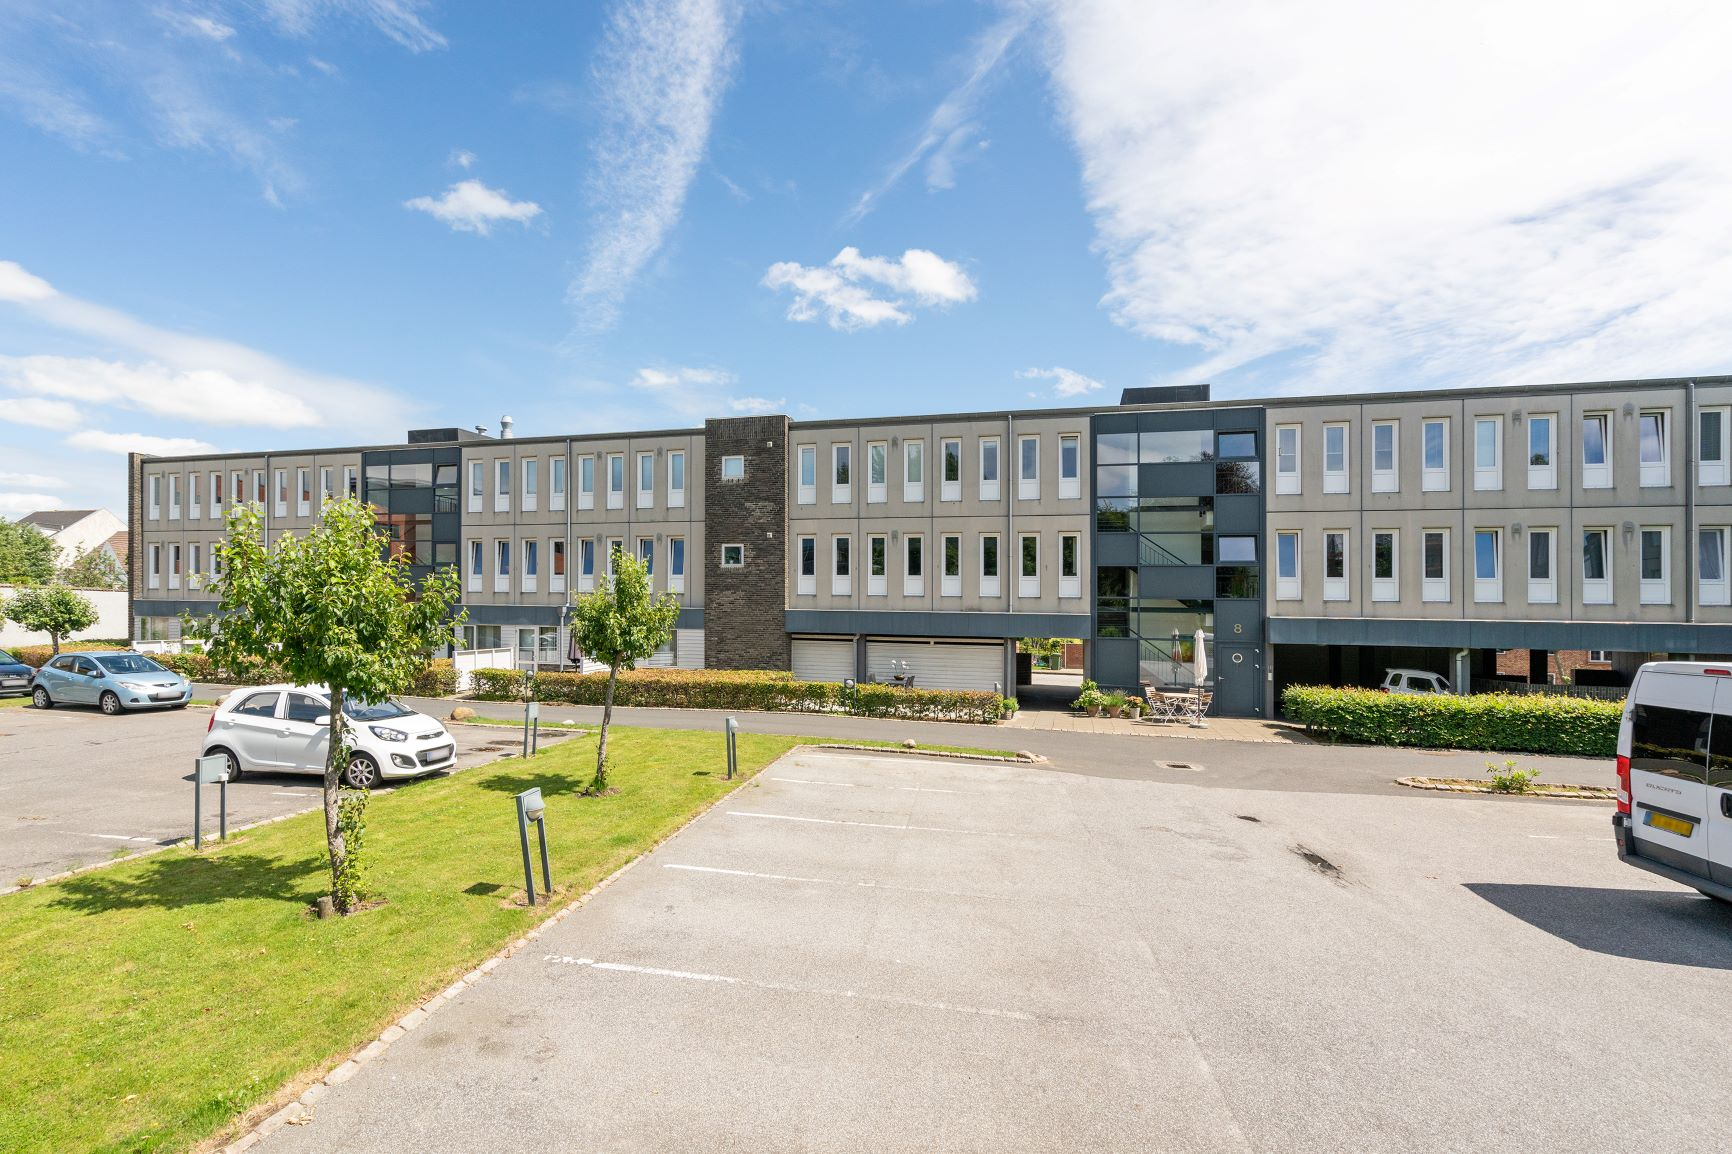 Lejebolig på Fynsgade 6, 2. tv., 6700 Esbjerg